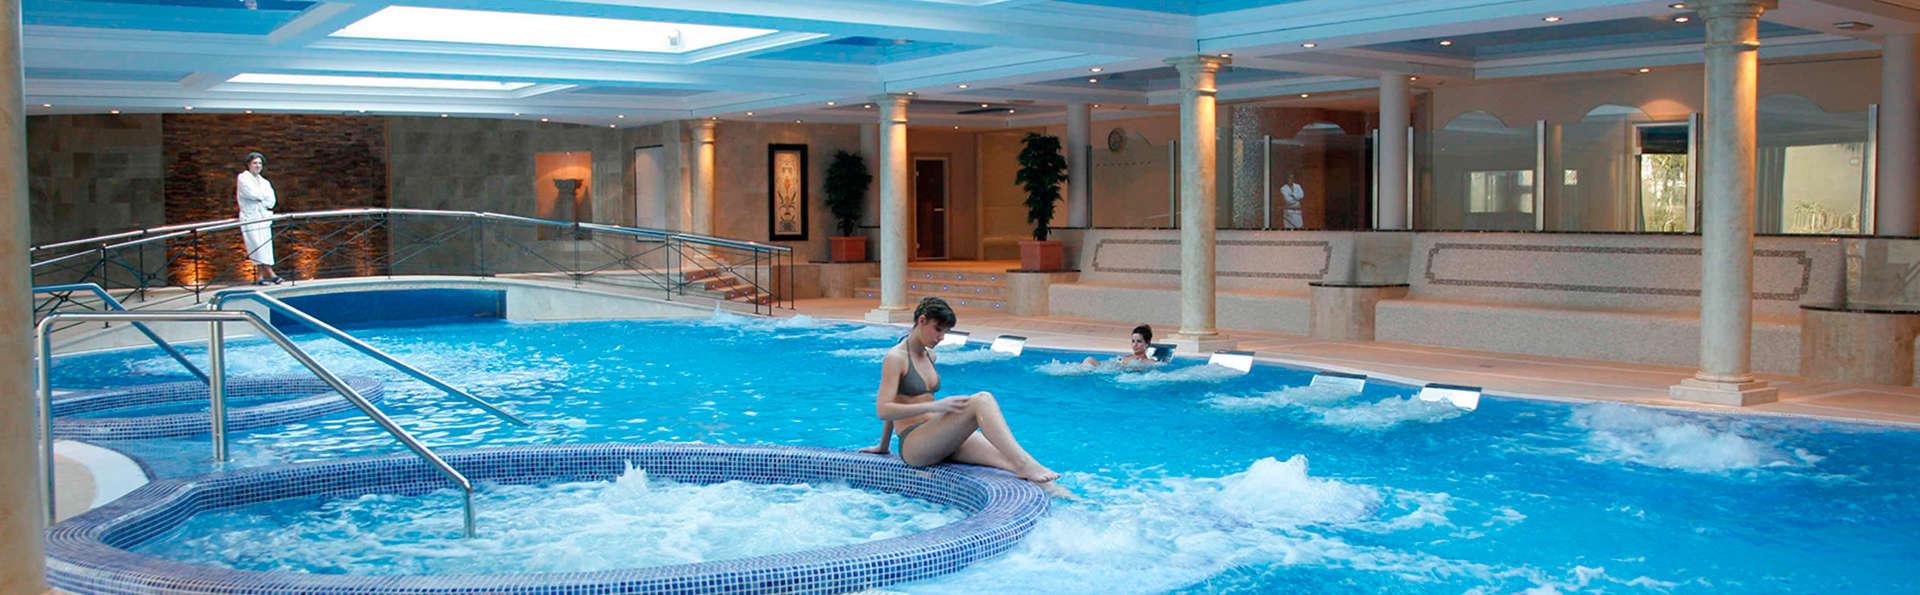 Mini-Vacaciones con media pensión y  tratamiento diario en Balneario de Lujo  (desde 3 noches)